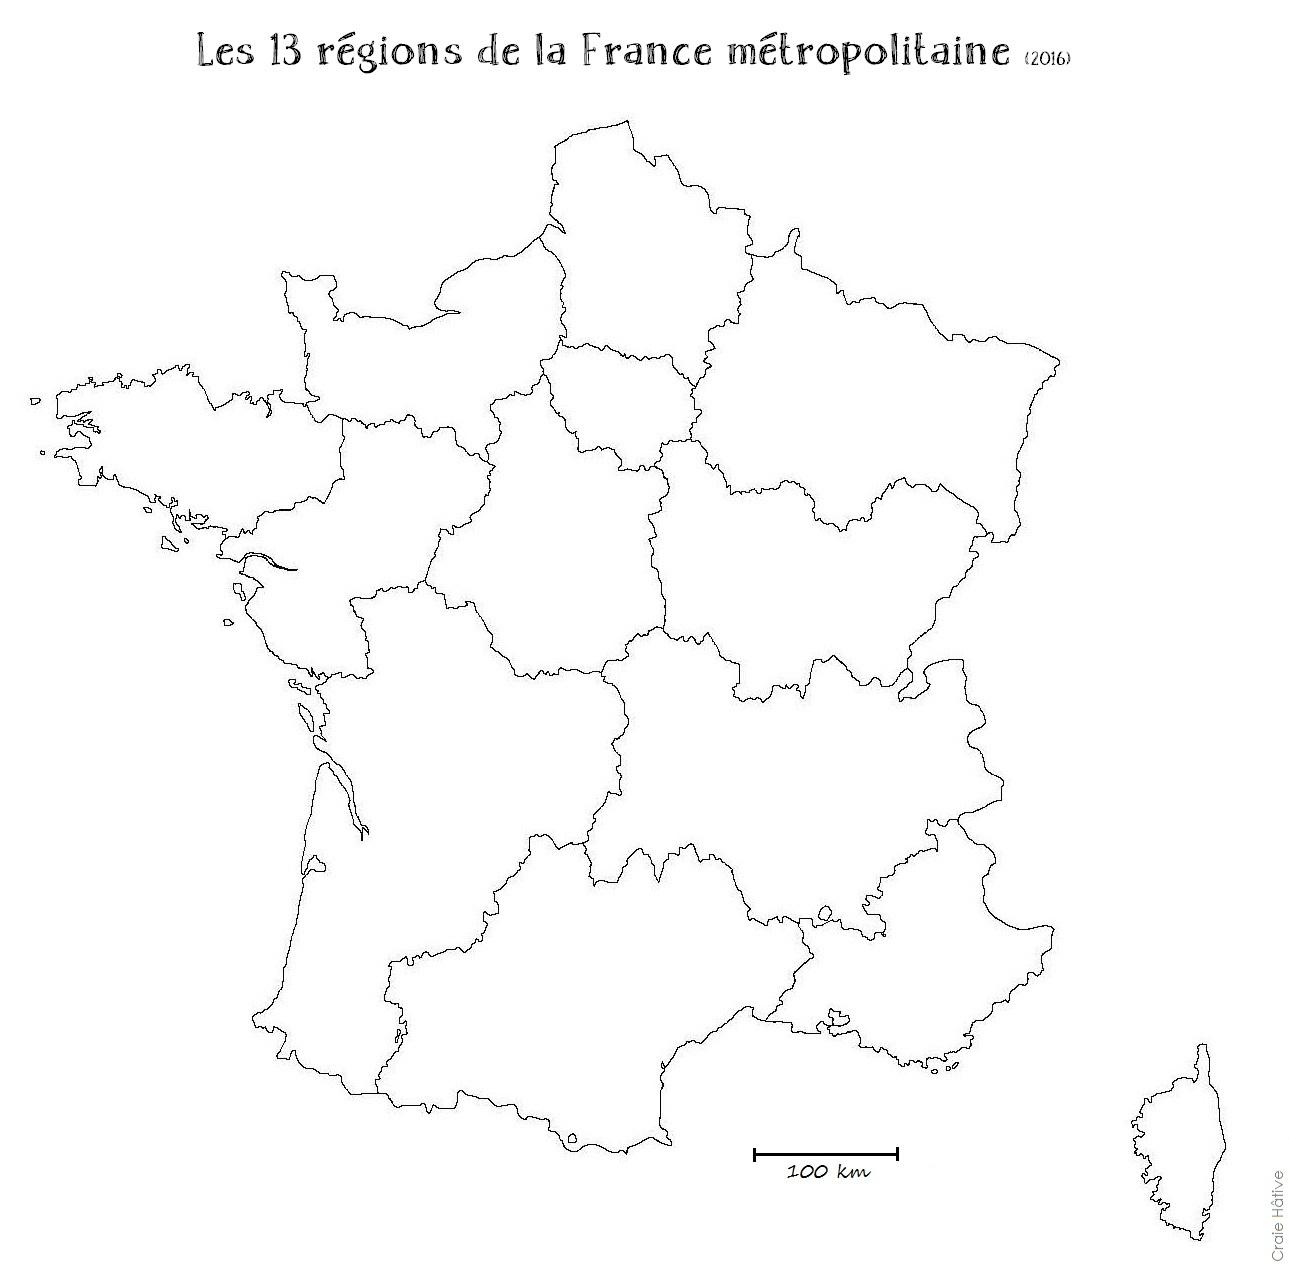 Ressources Numériques, Carte De France Vierge Nouvelles Régions encequiconcerne Carte Vierge De France